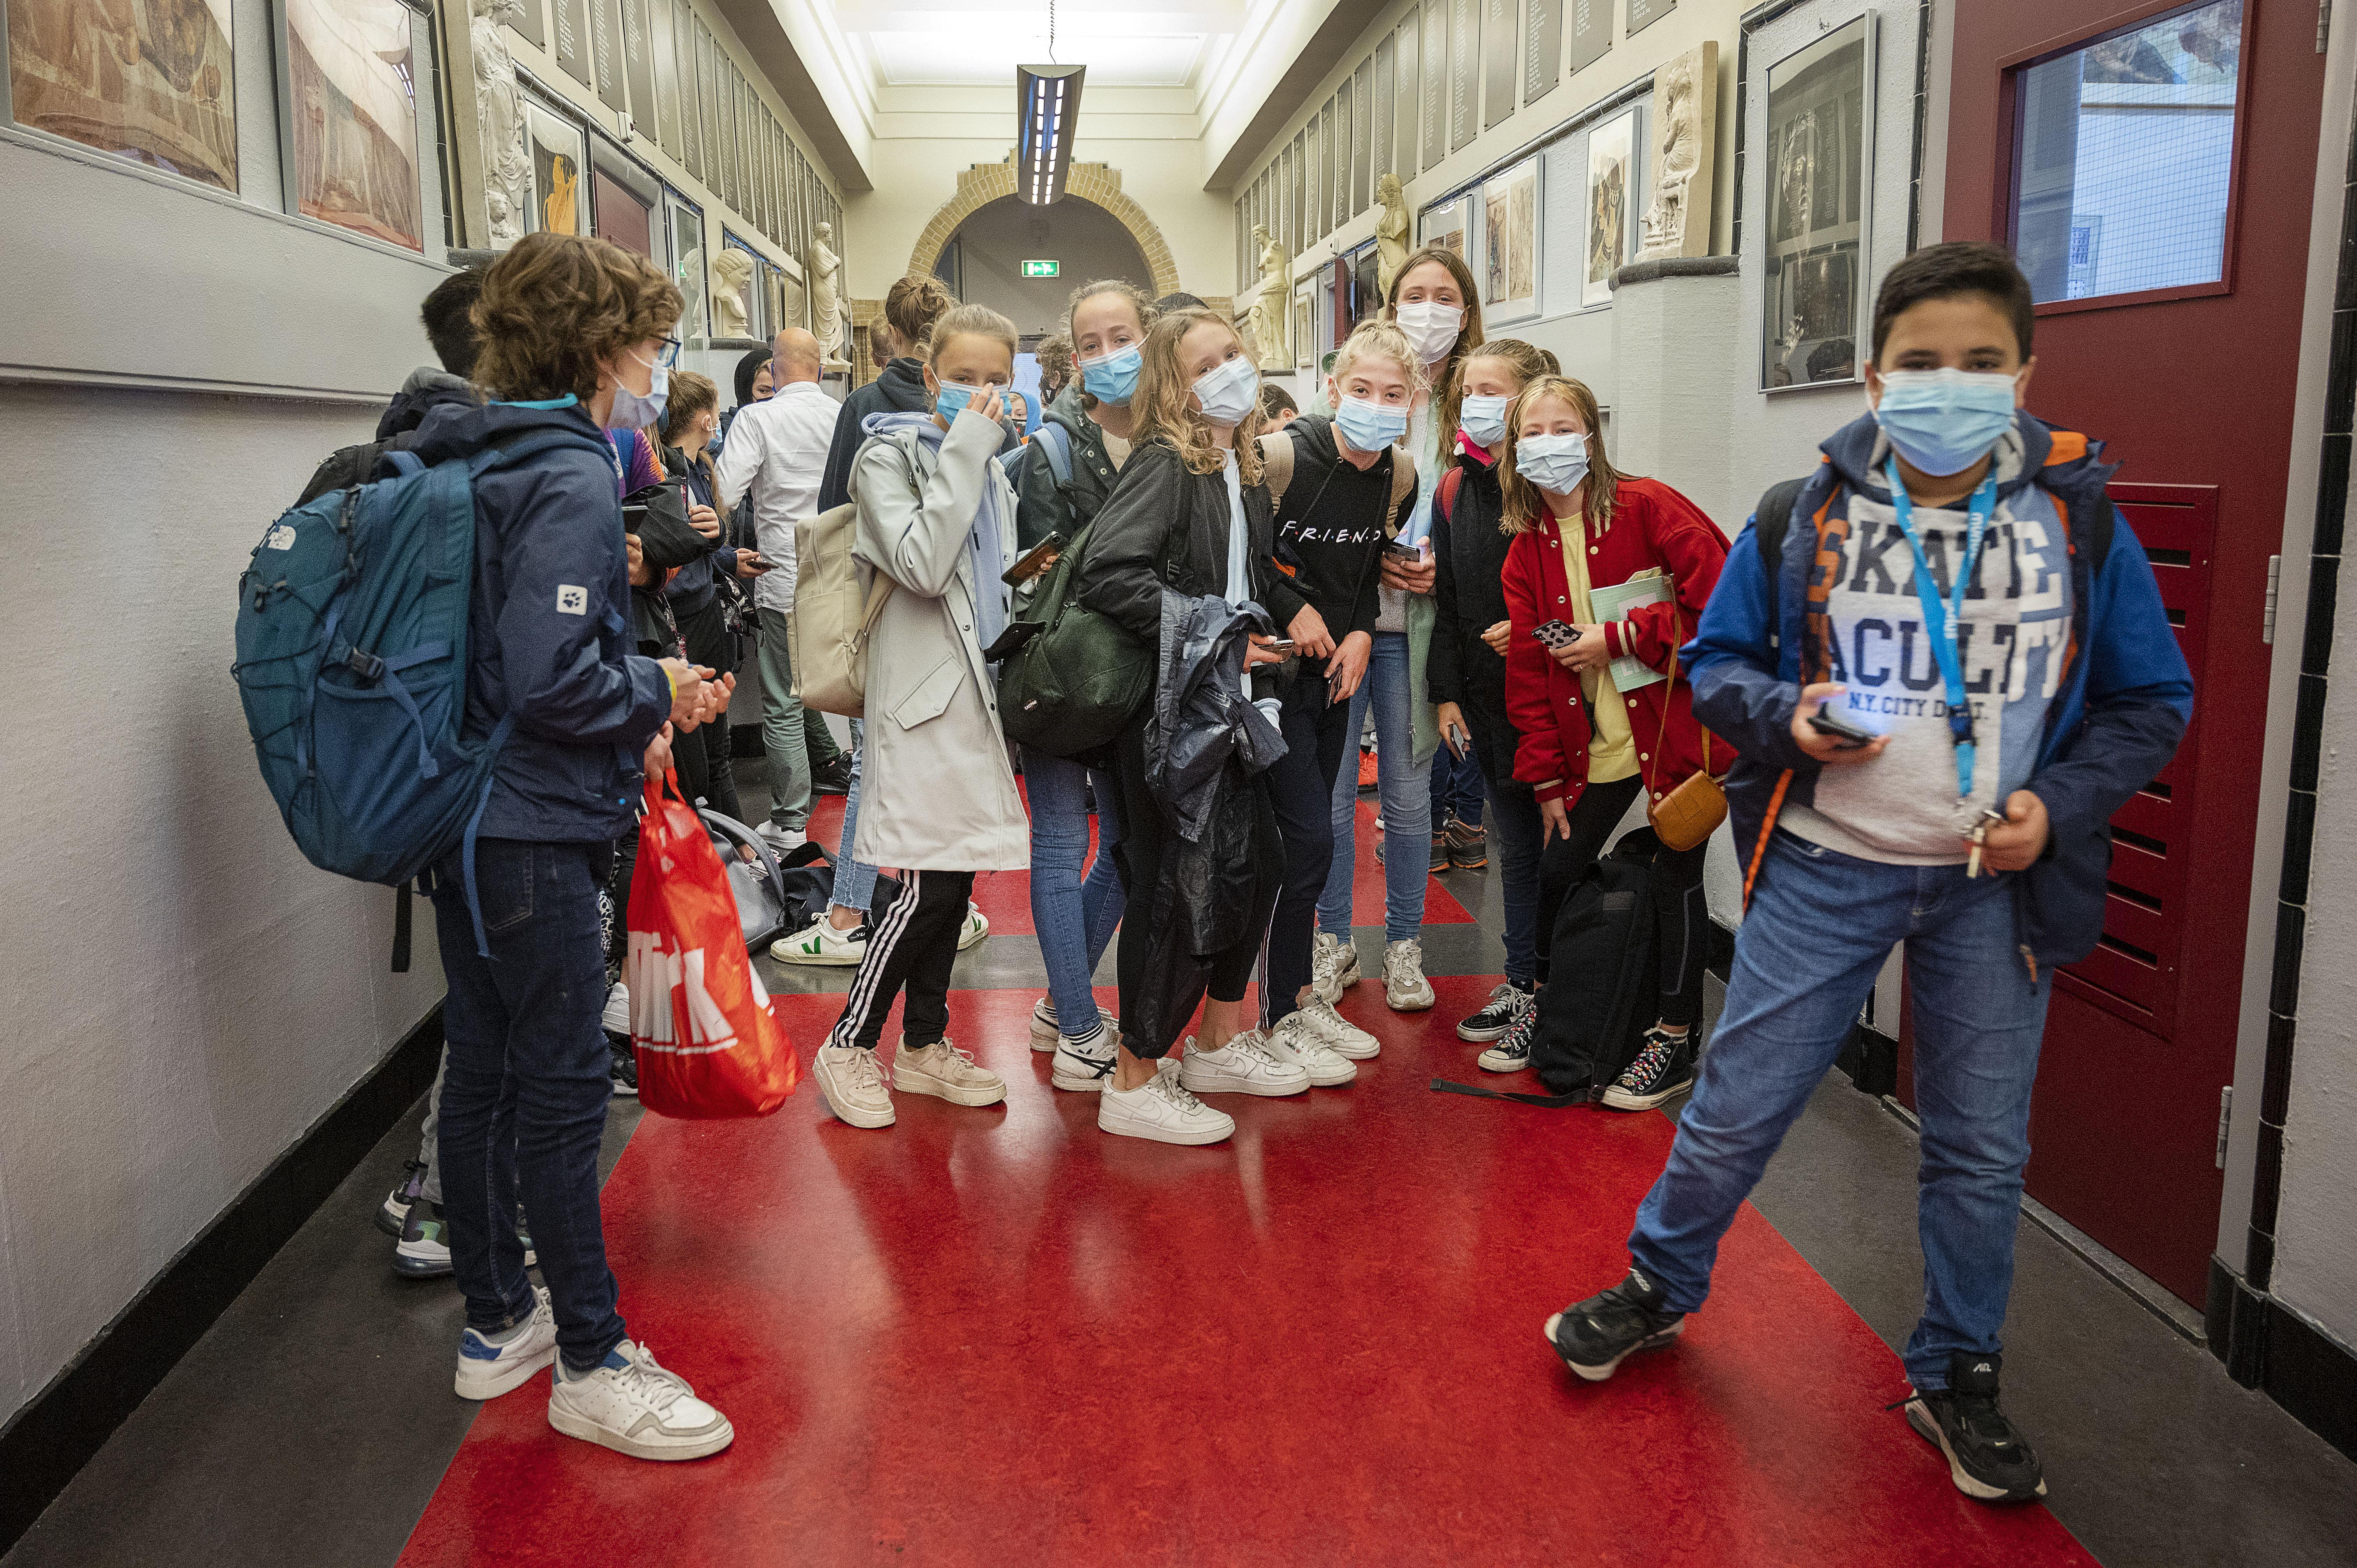 Rechtbank wil niks weten van verbod op mondkapjes in scholen, zoals ouders hadden geëist